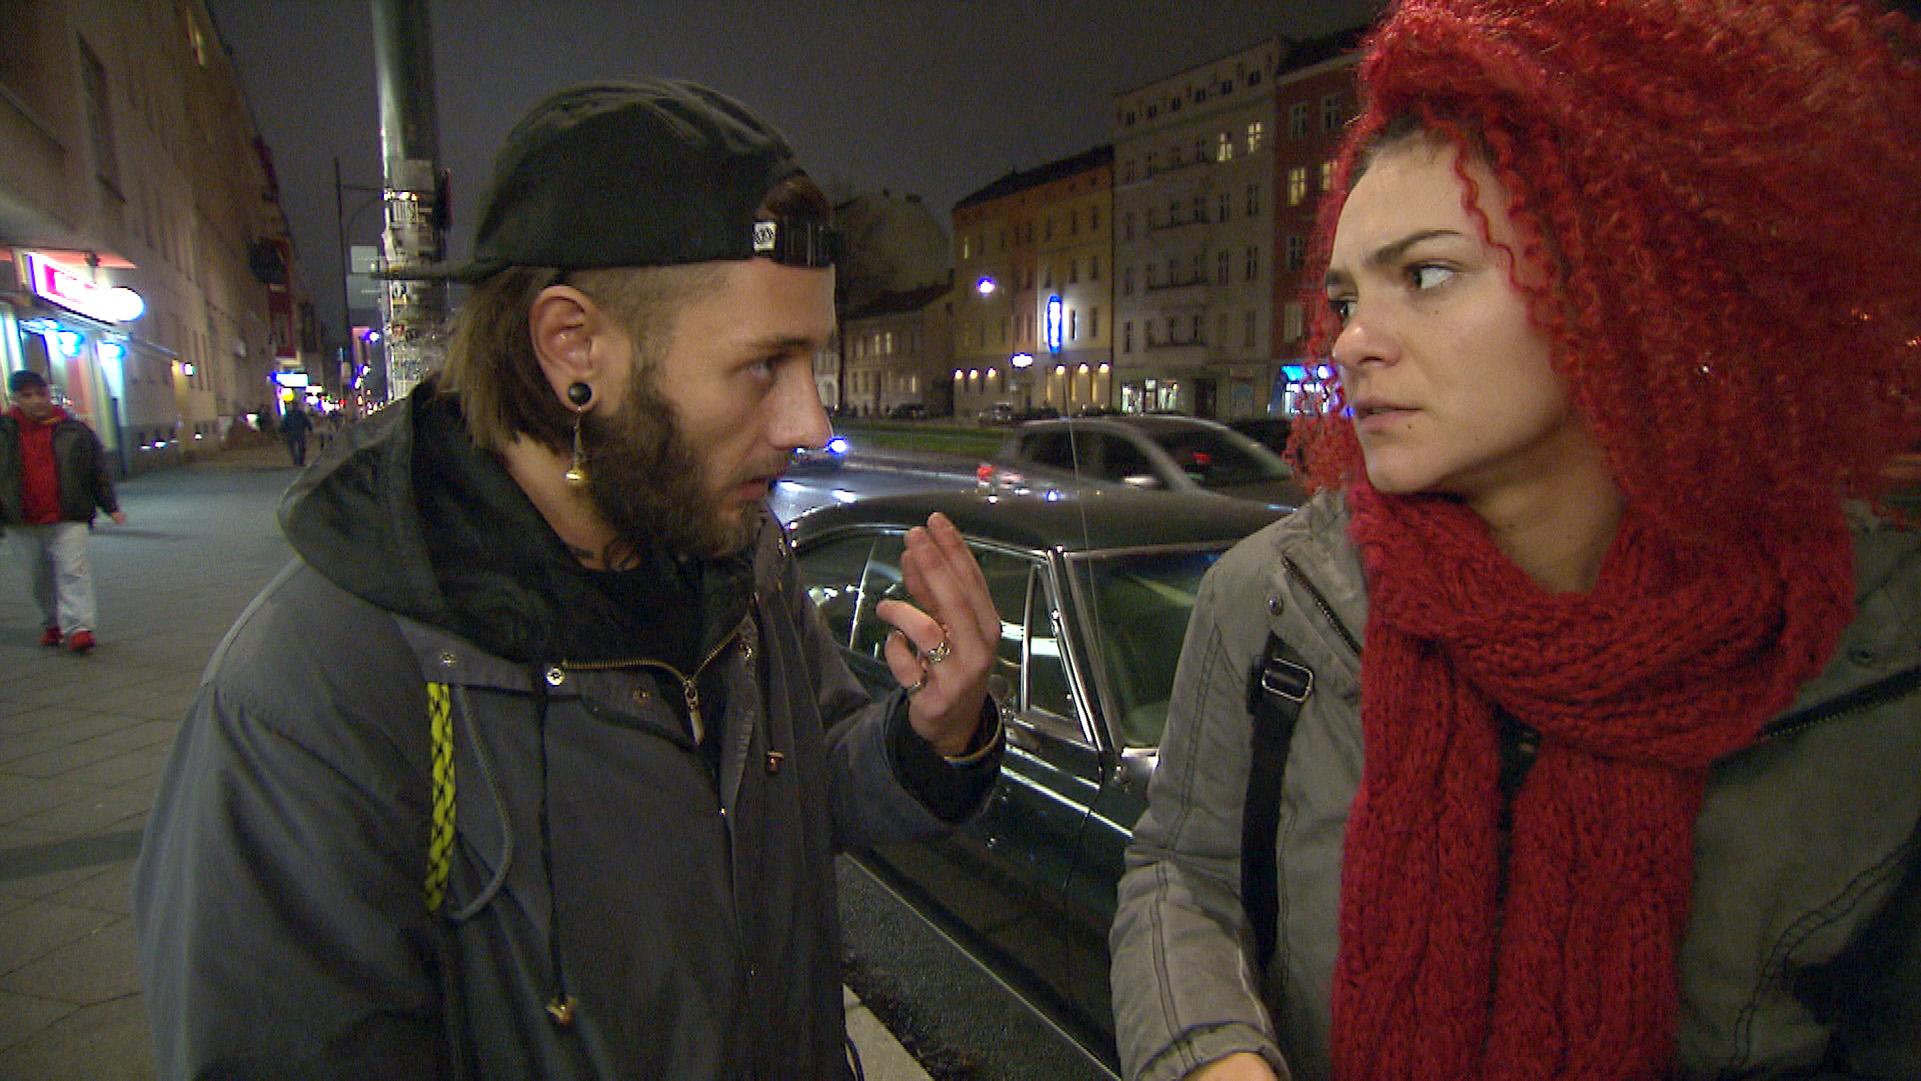 Da Jessica blank ist, lässt sie sich widerwillig von Mark dazu überreden, Marcels Auto illegal zu verscherbeln... (Quelle: RTL 2)